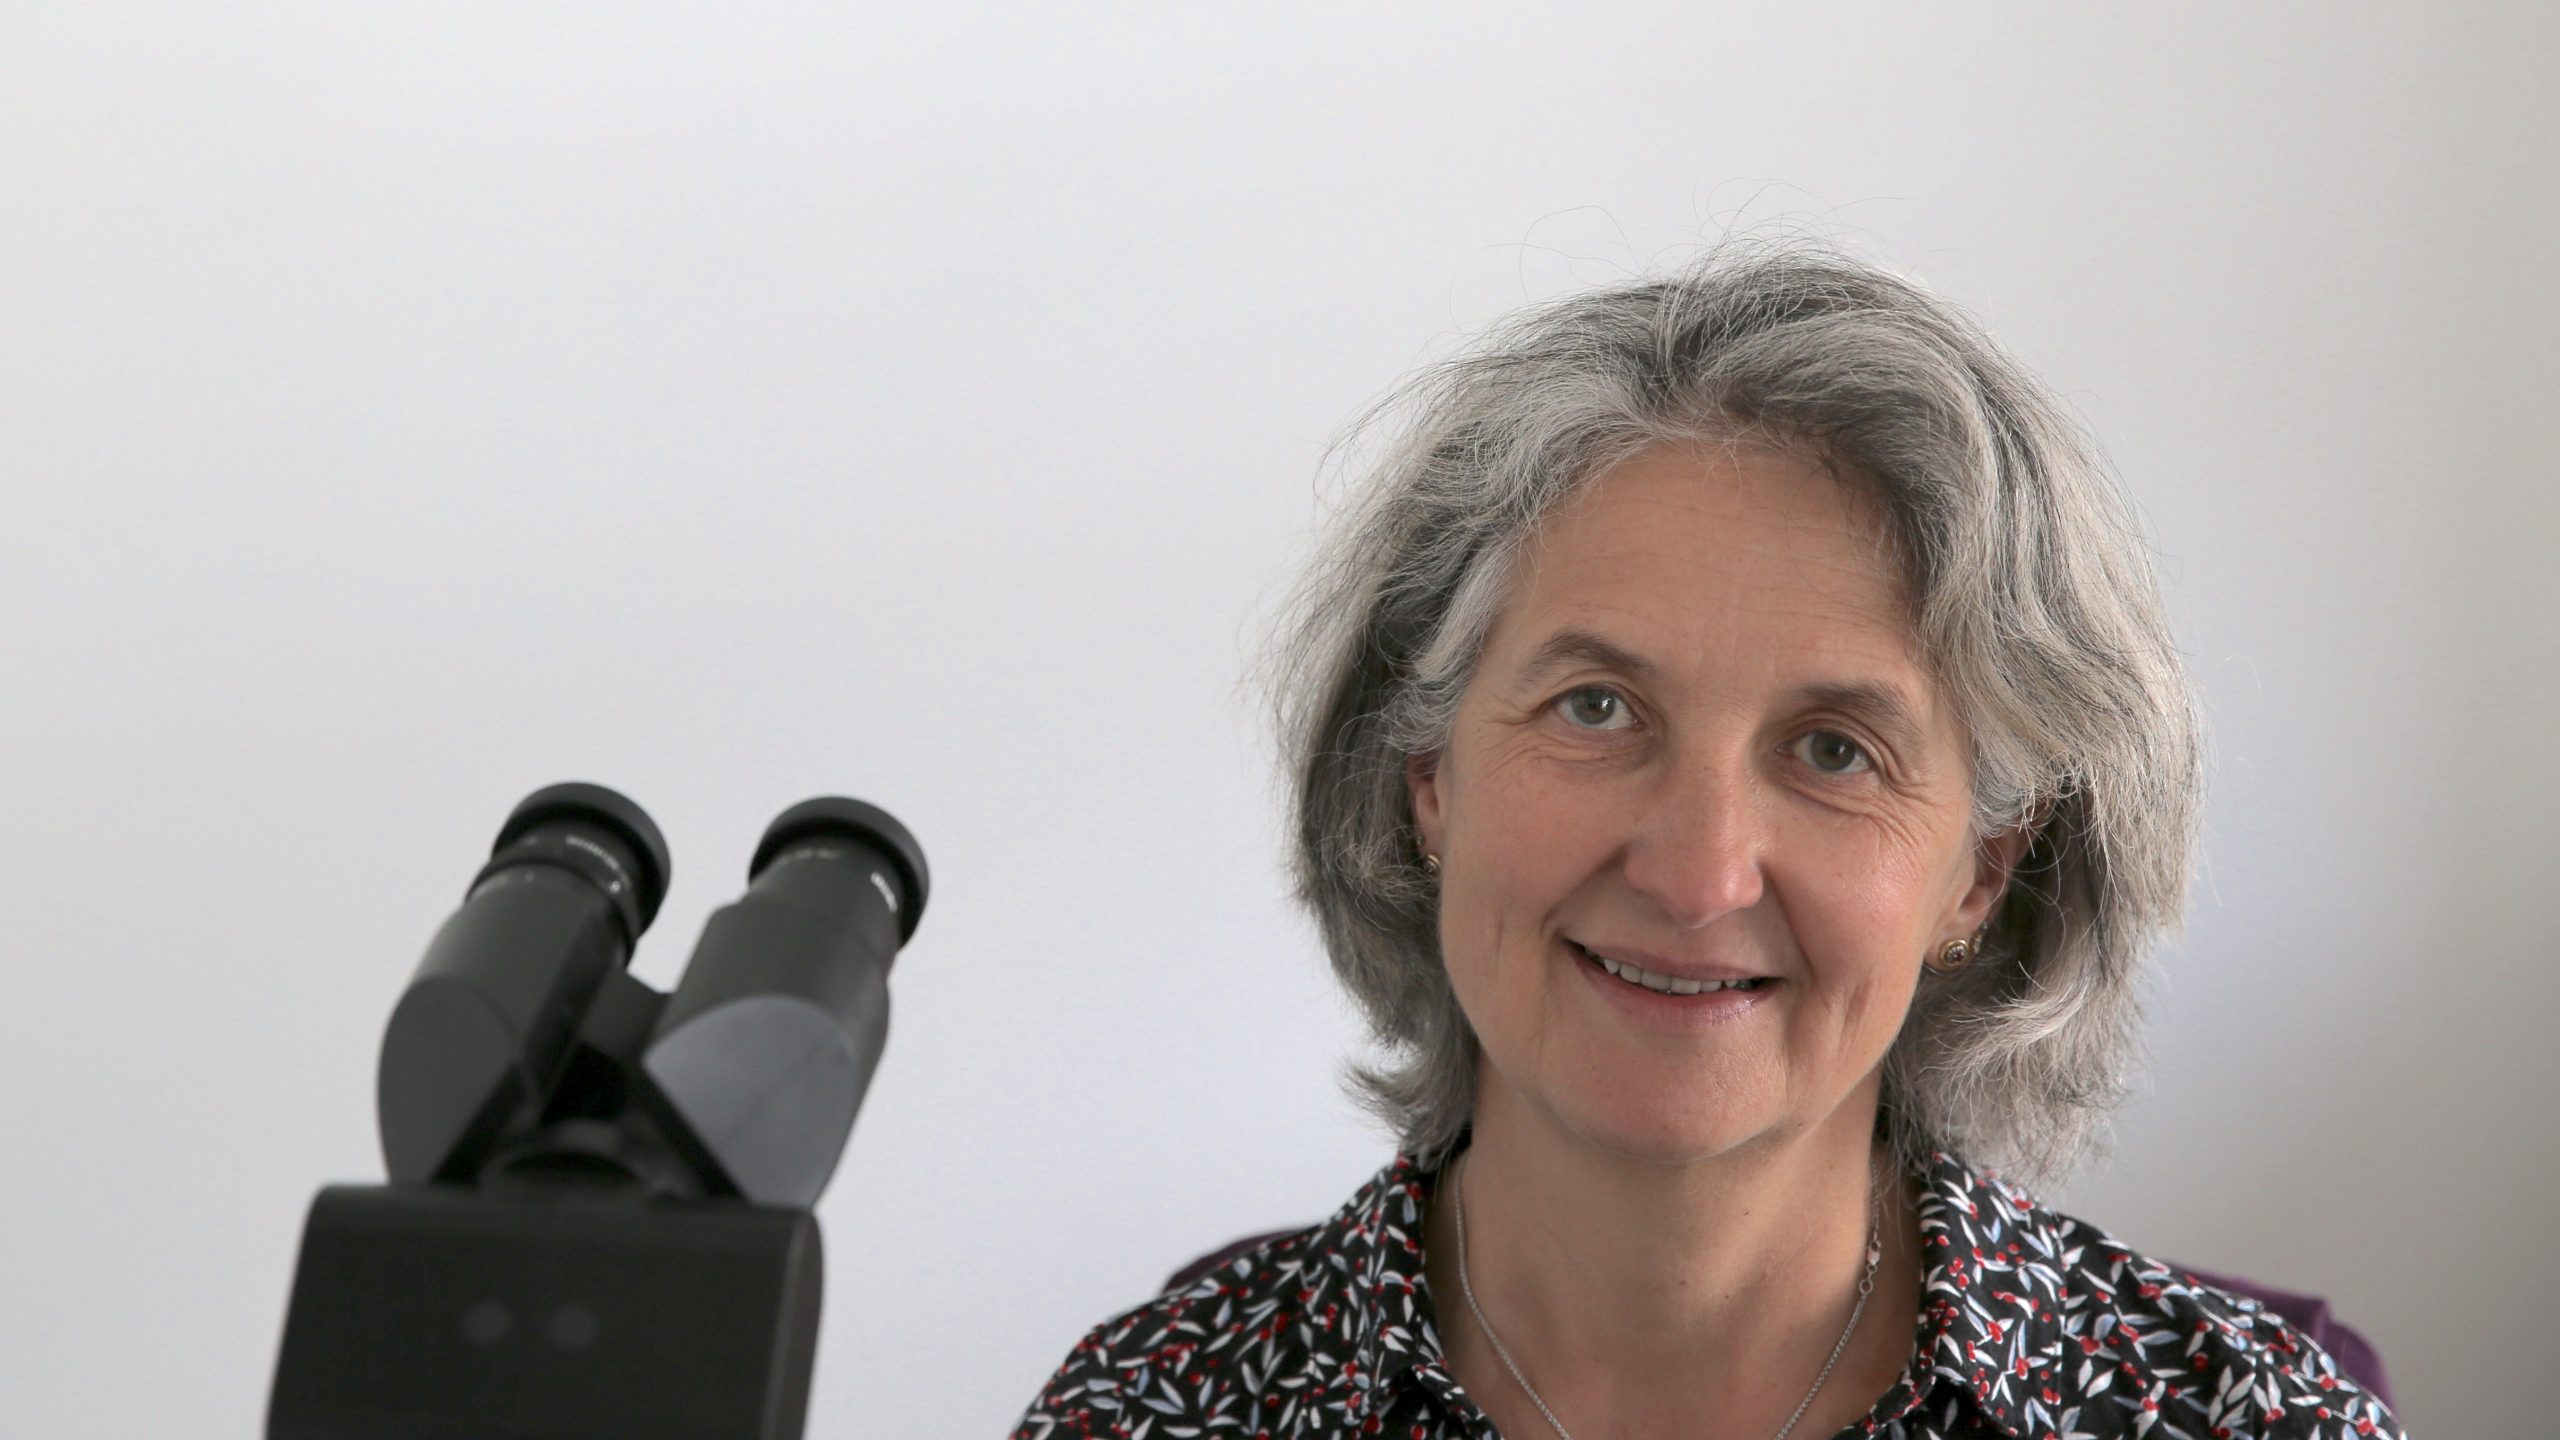 Dr. Wölfl